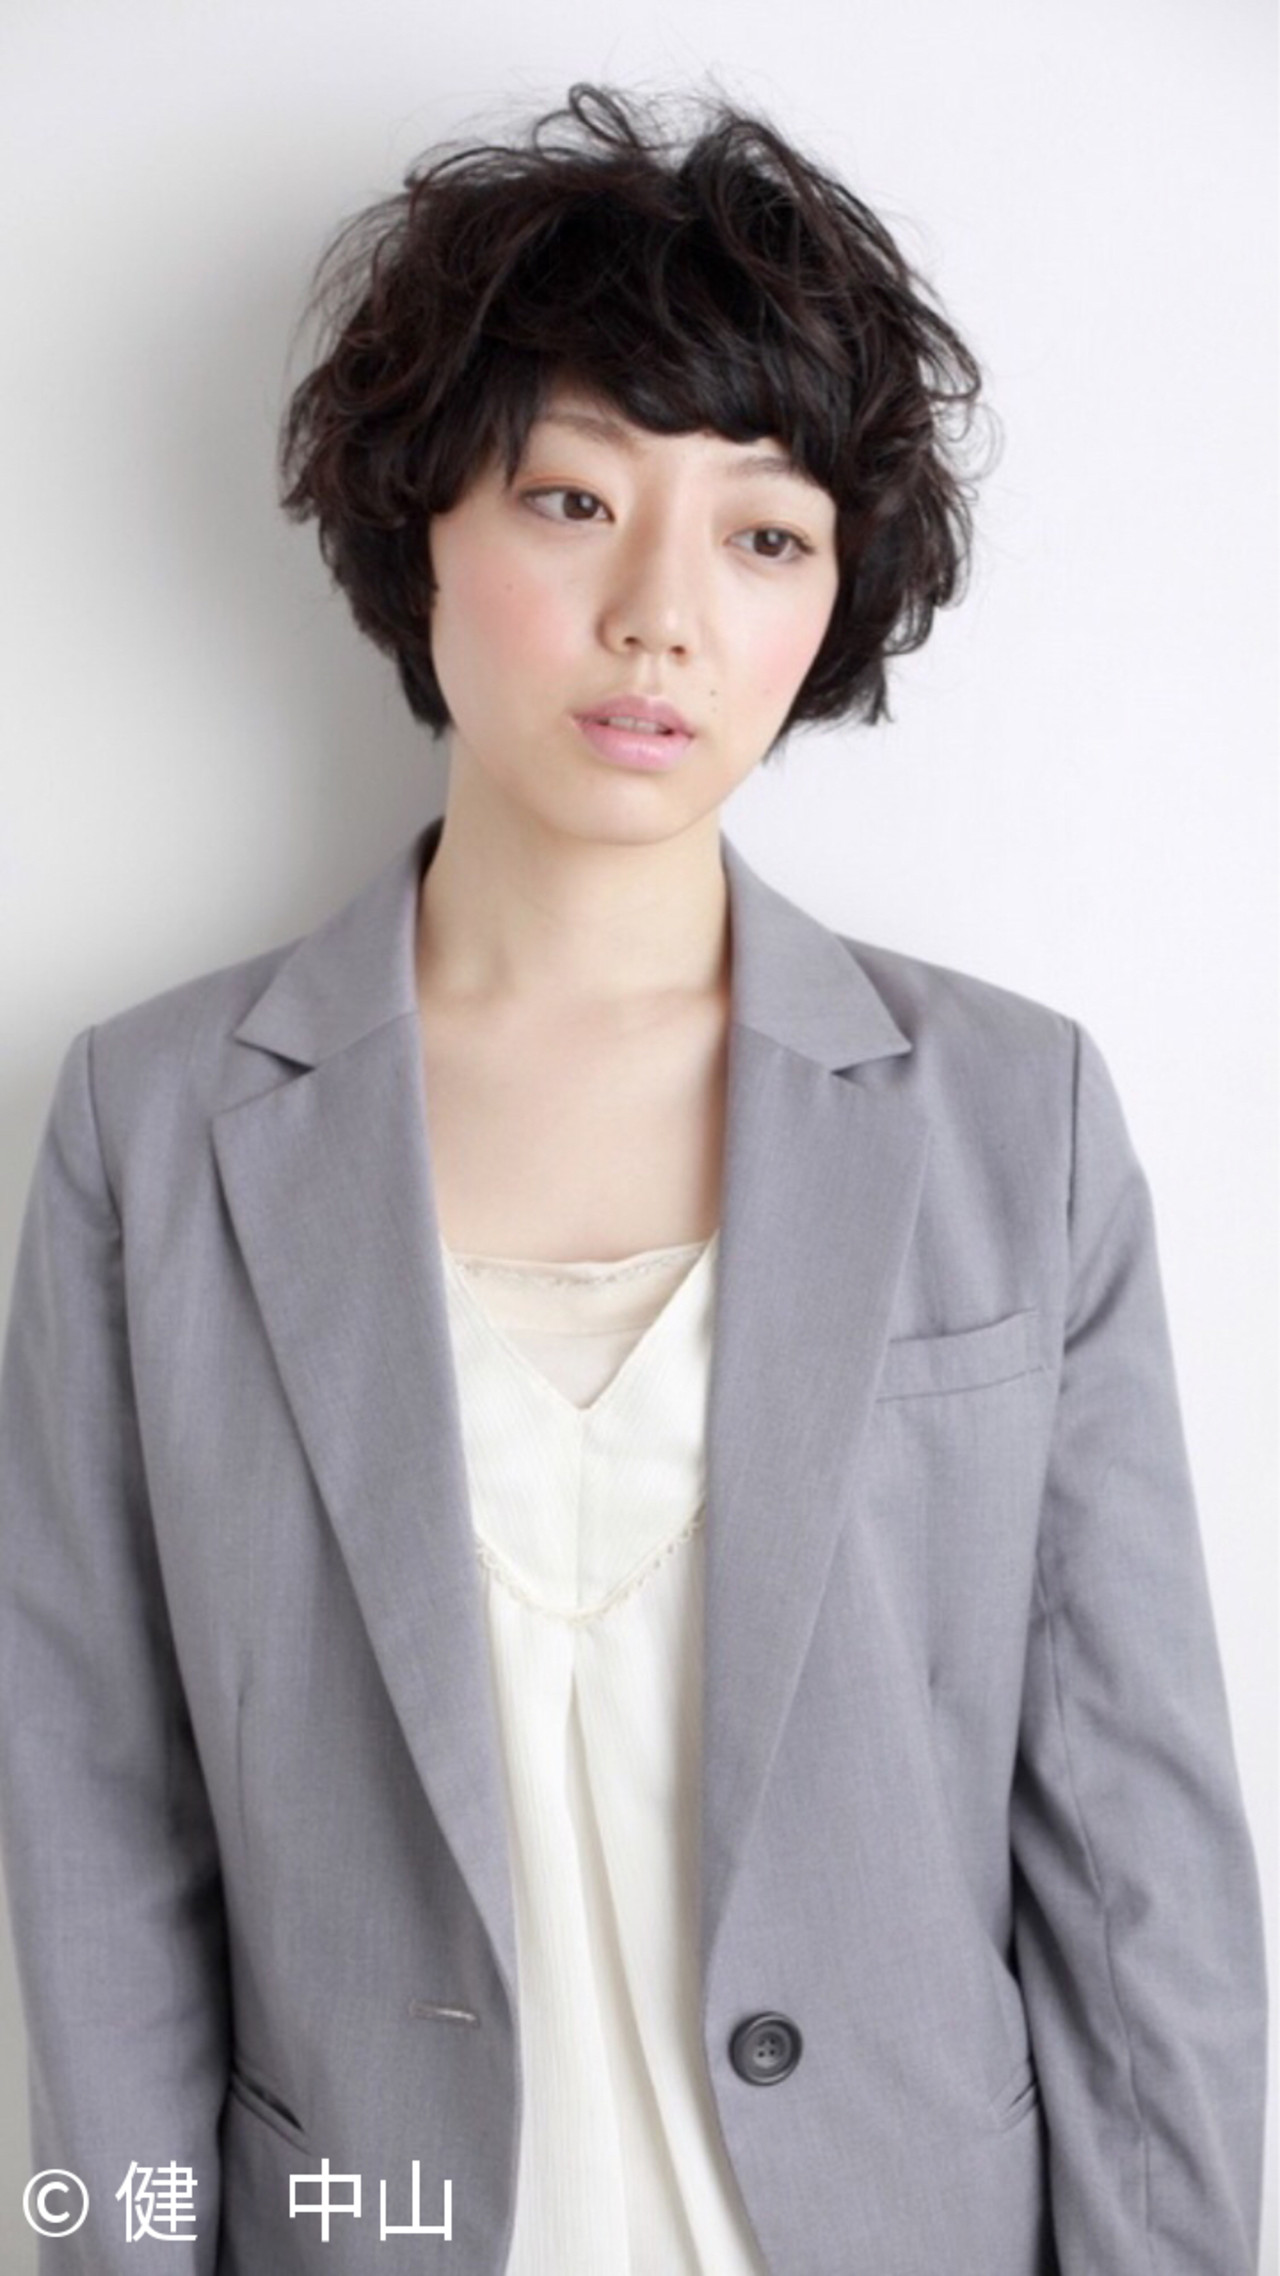 黒髪ショートの清楚さが人気。愛されヘアスタイルをつくろう  健 中山